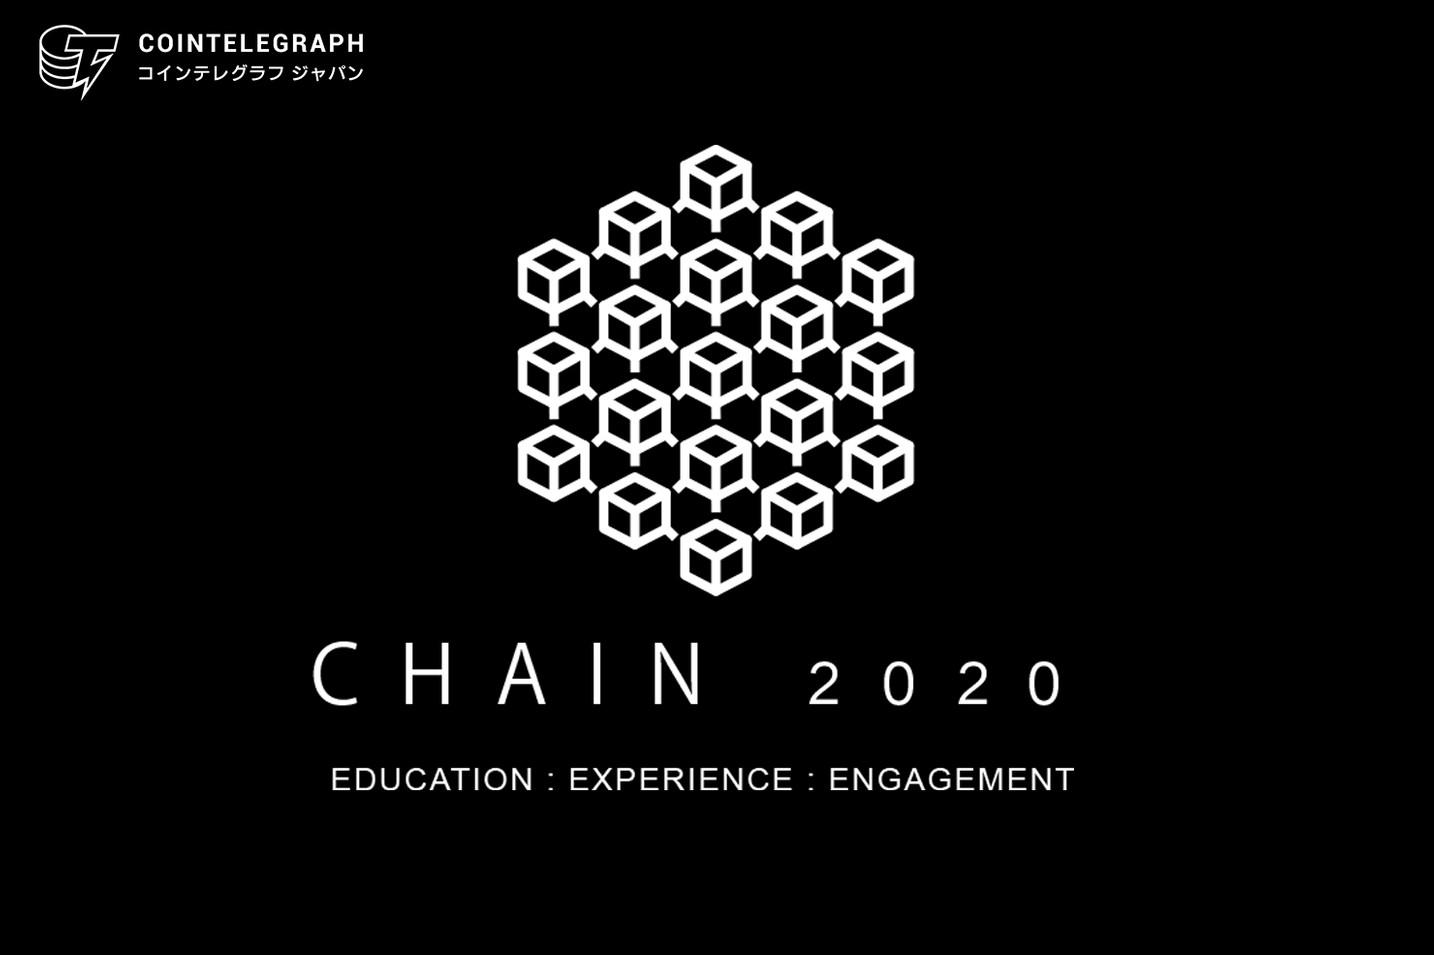 『CHAIN2020』に早くも「2020年最大のブロックチェーンイベント」の声